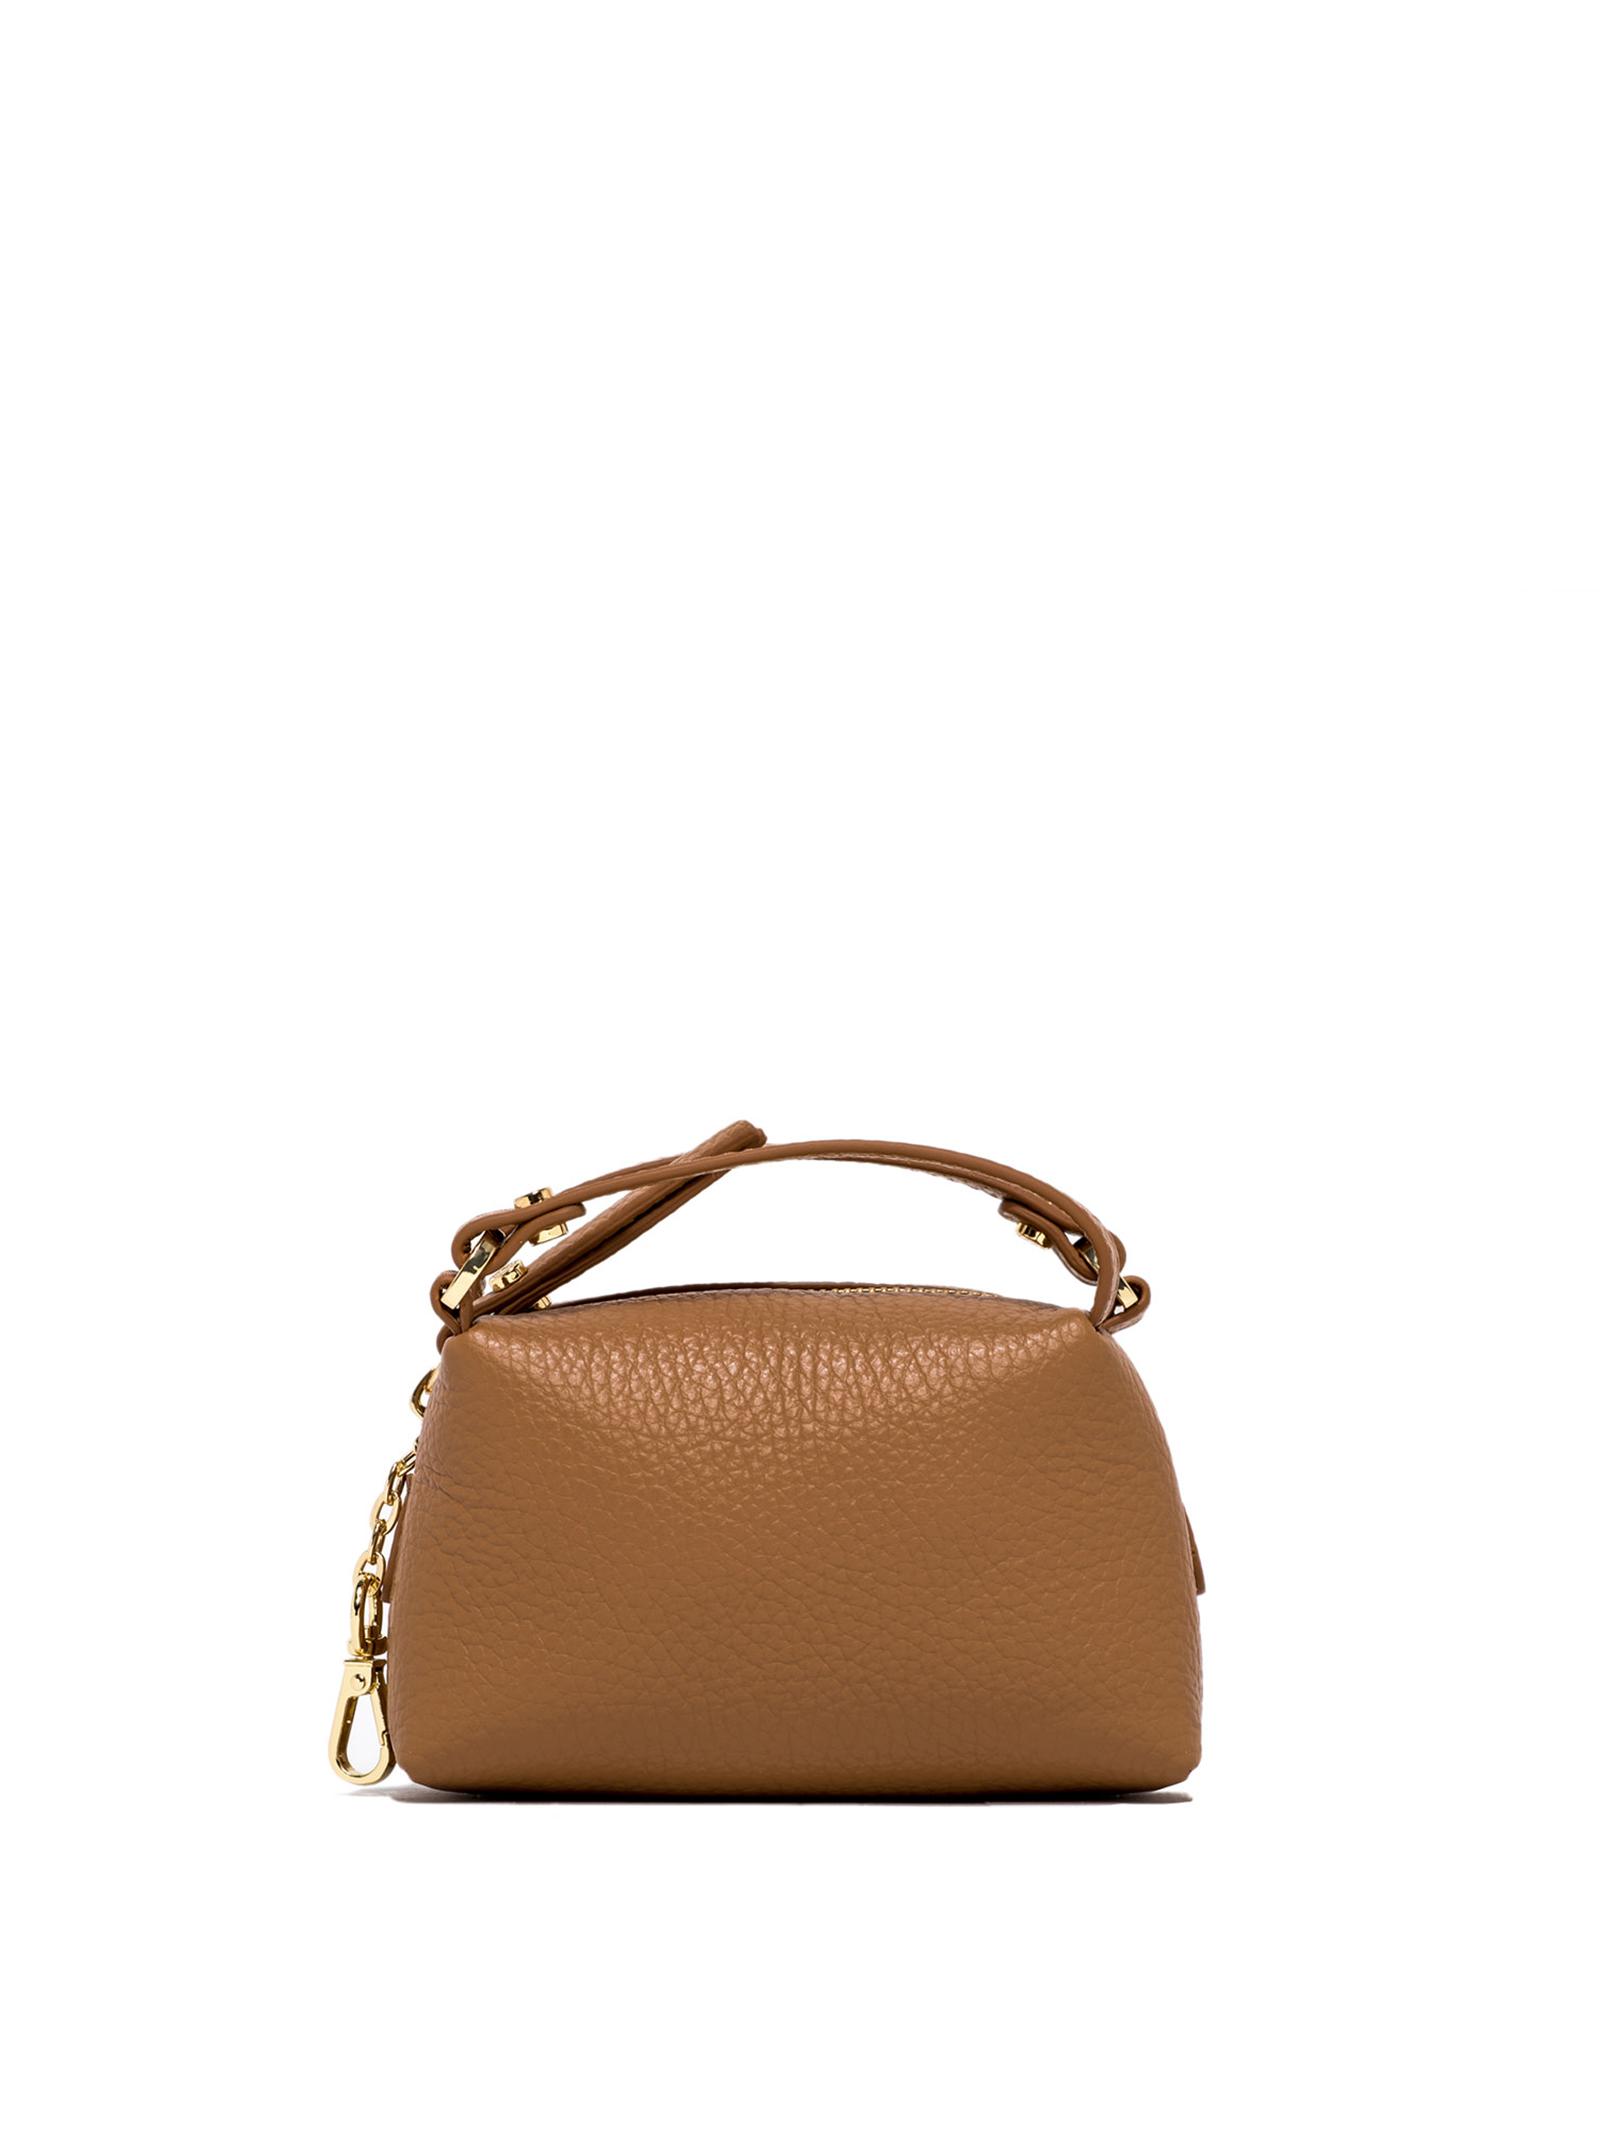 Borsa Donna Pochette Mini Bag Alifa a Tracolla in Pelle Lucida Cuoio con Tracolla Removibile in Catena Oro Gianni Chiarini   Borse e zaini   BSM8610009